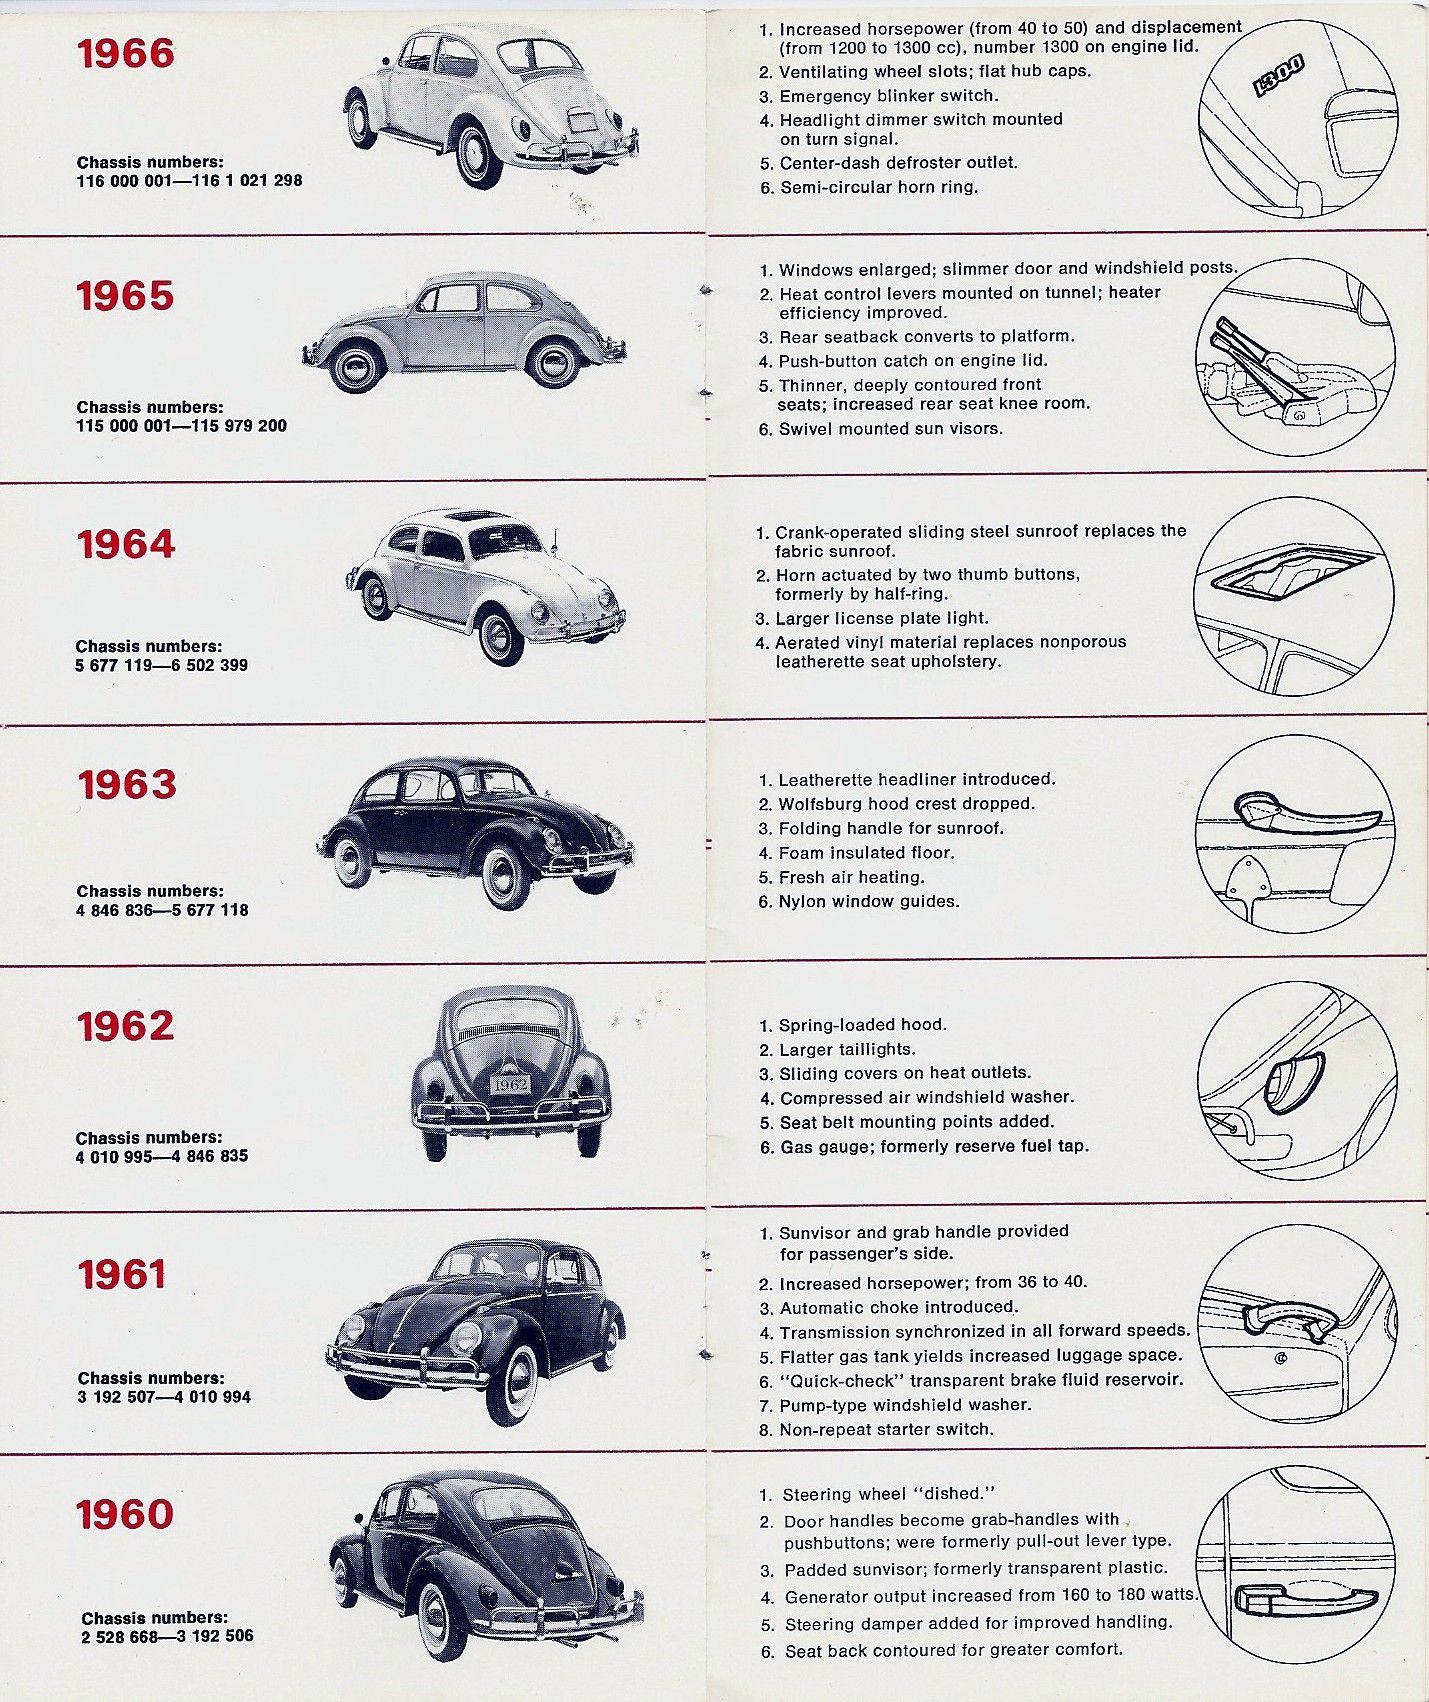 August 2015 Vw Beetle Classic Volkswagen Beetle Vw Beetles